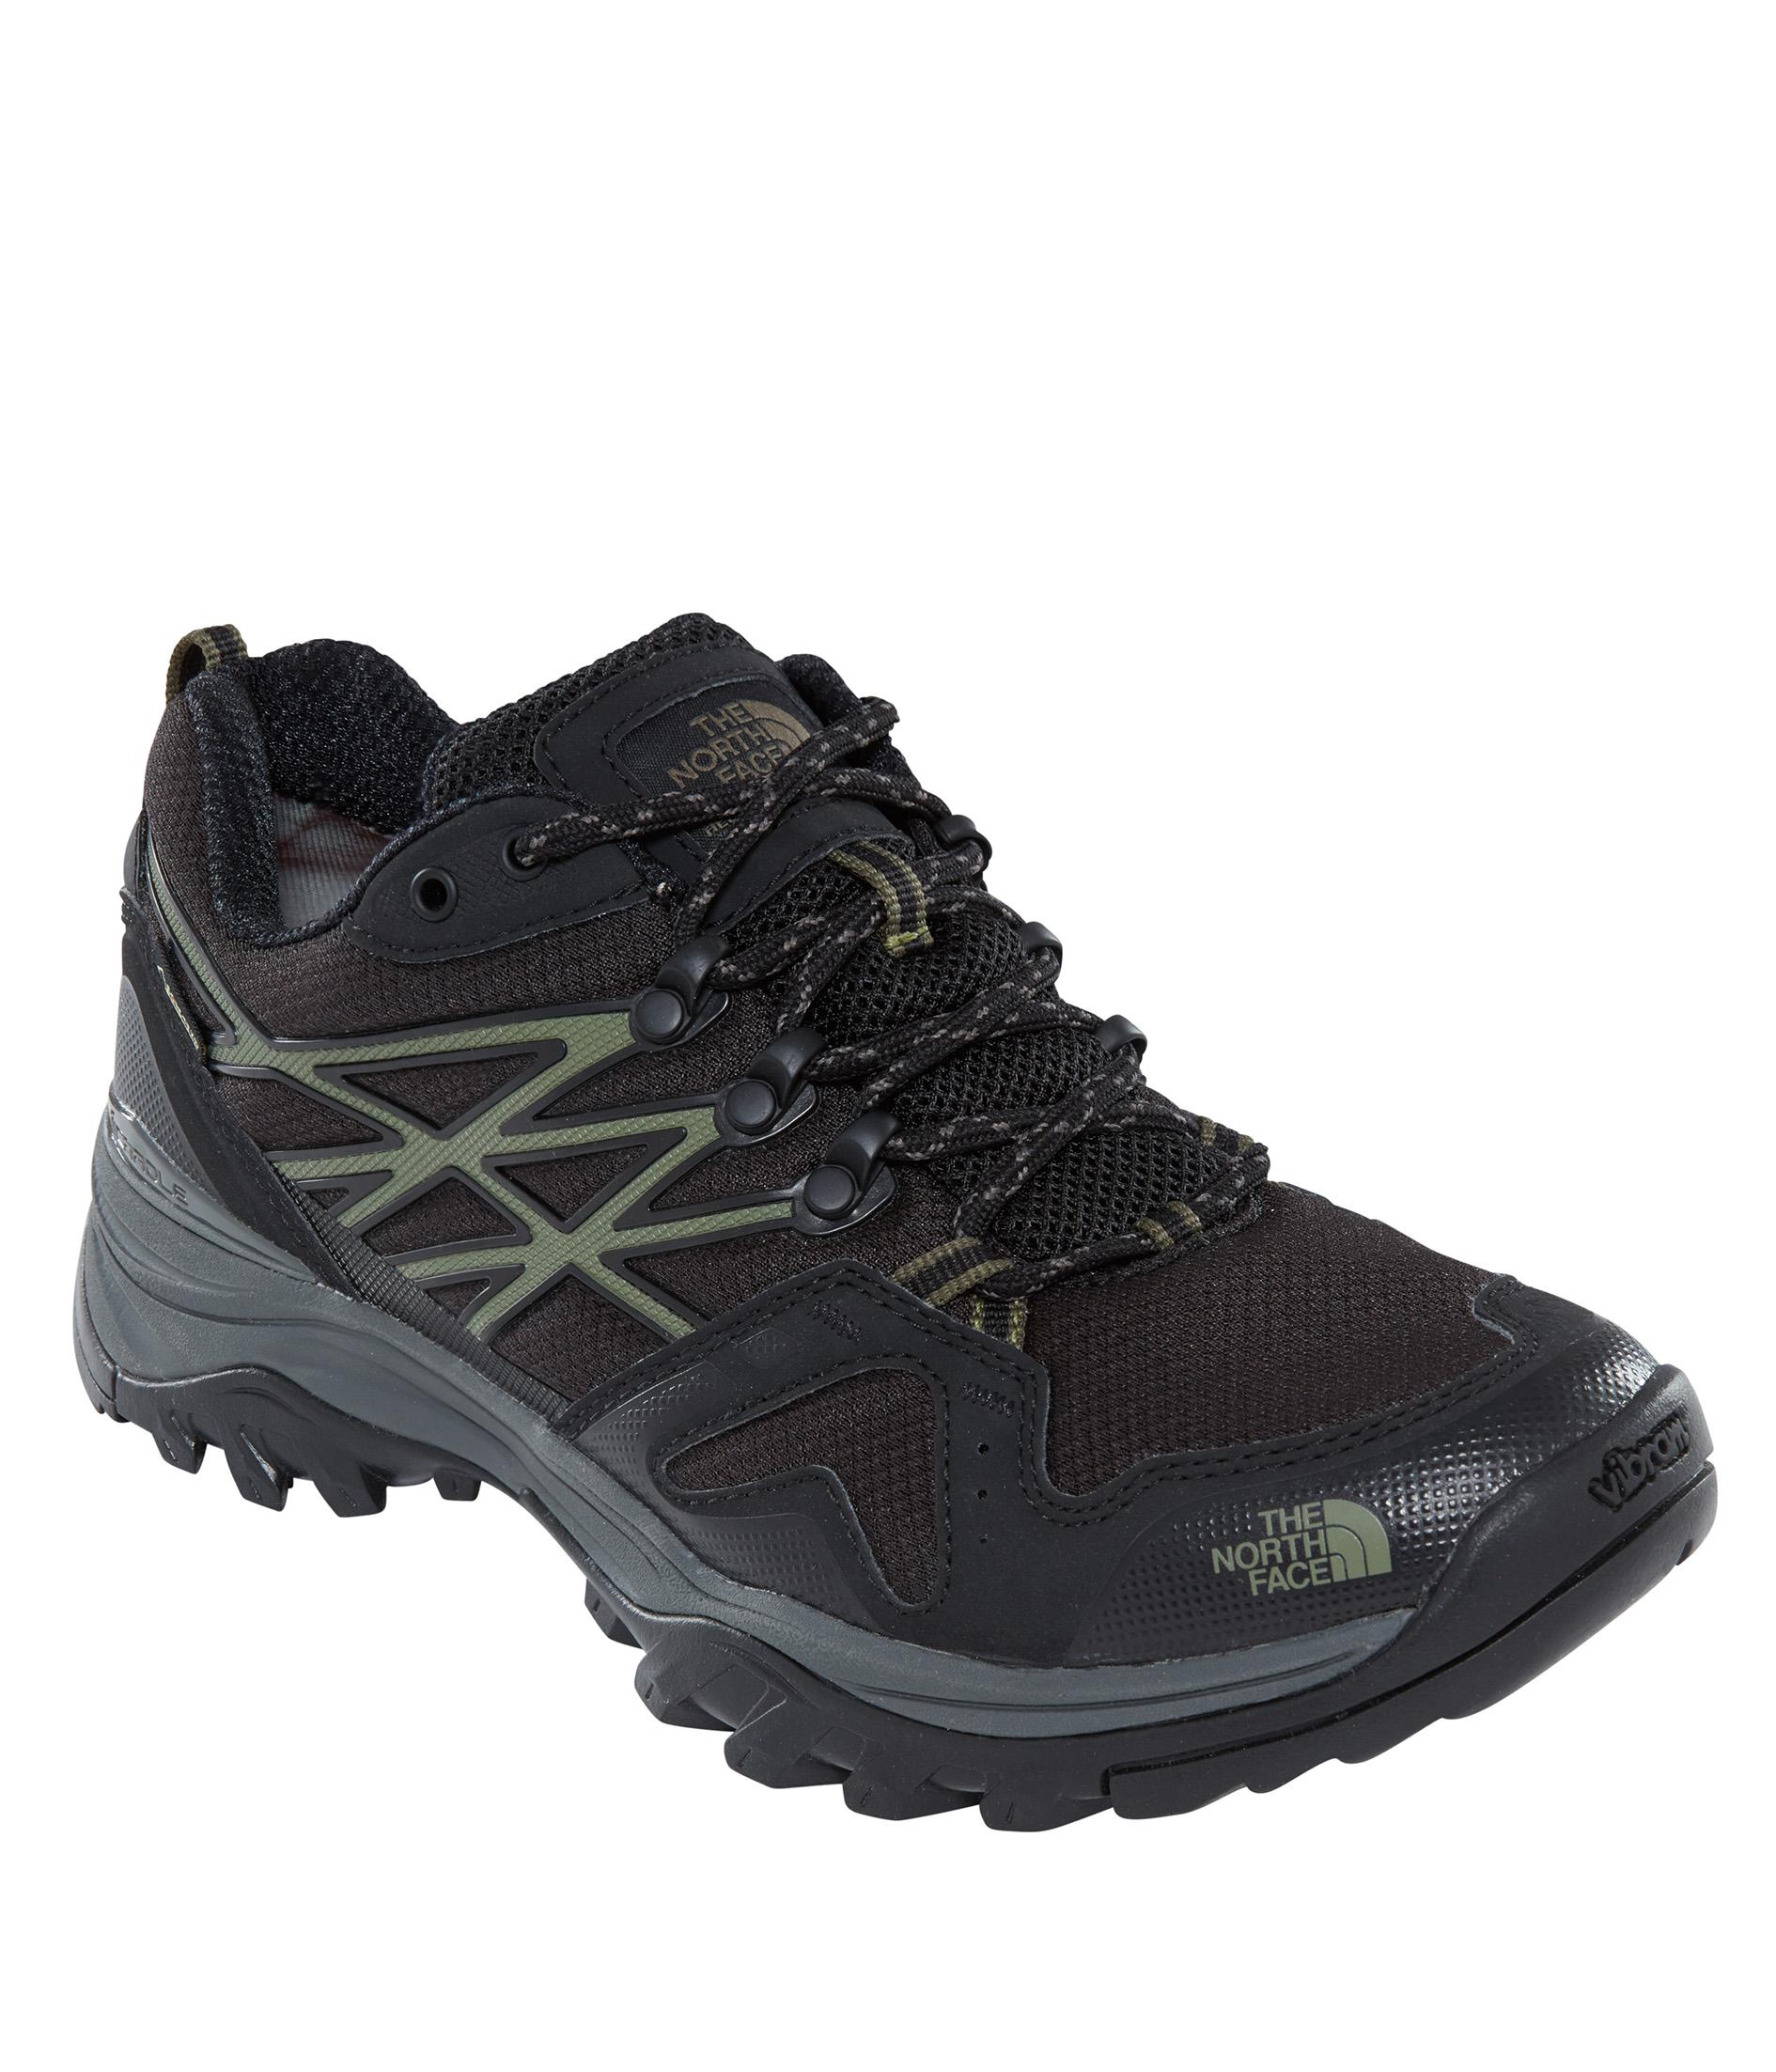 8e72e97fd0c Мъжки обувки M HEDGEHOG FP GTX EU - The North Face